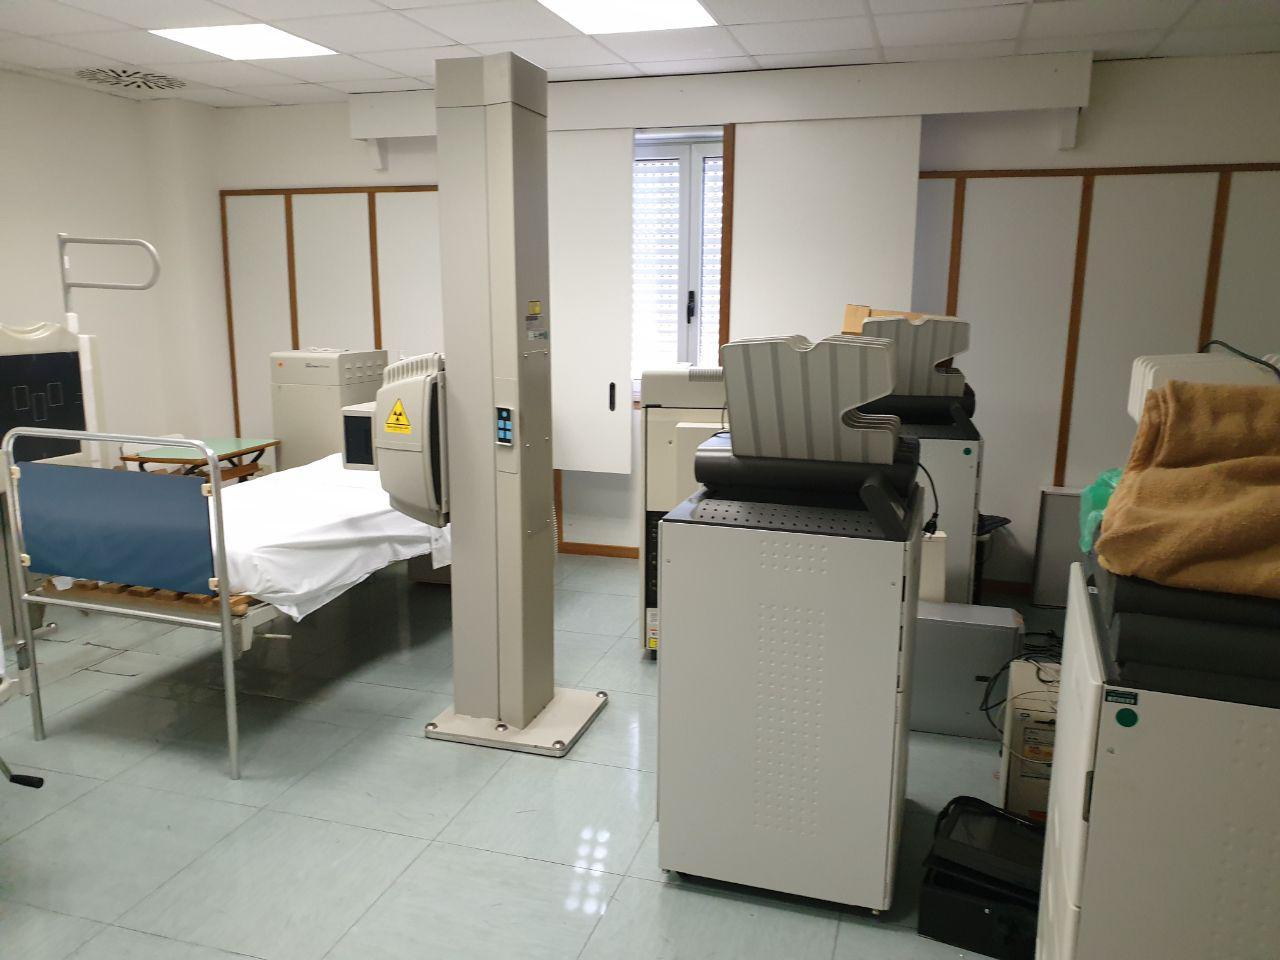 Visita ispettiva di Pietro Smargiassi presso l'ospedale di Vasto 3